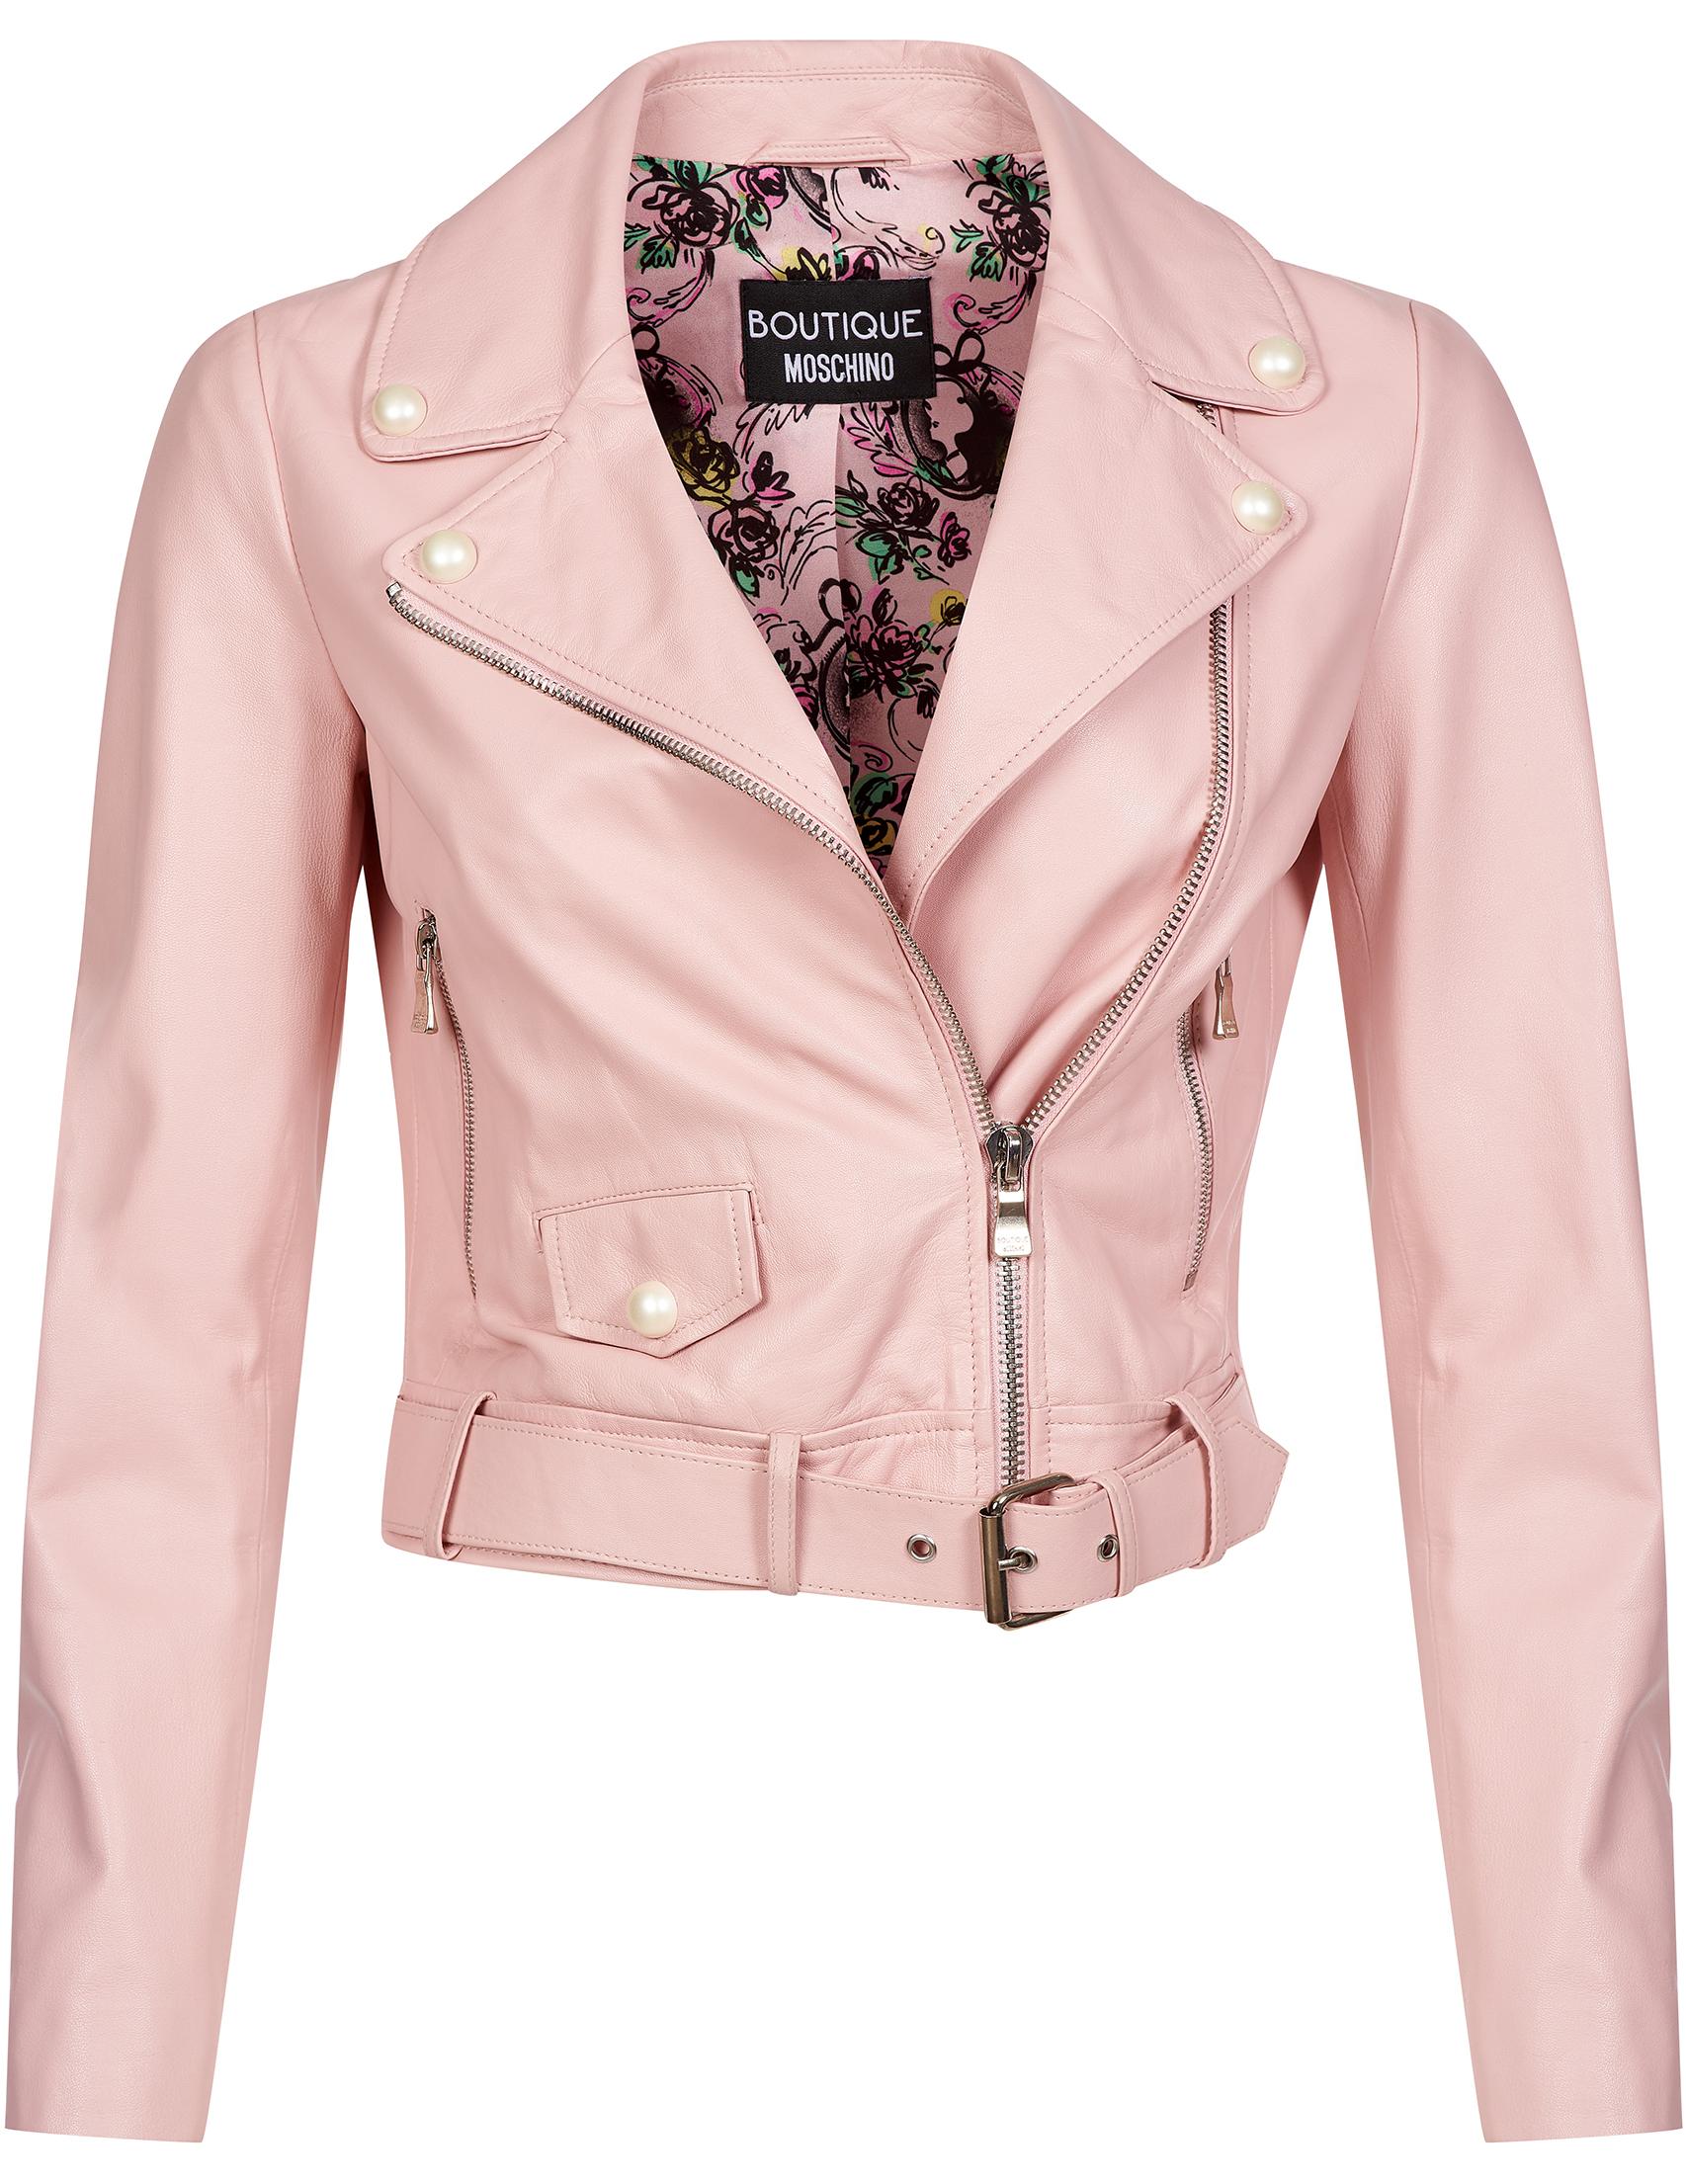 Купить Куртки, Куртка, MOSCHINO, Розовый, 100%Кожа;100%Полиэстер, Осень-Зима